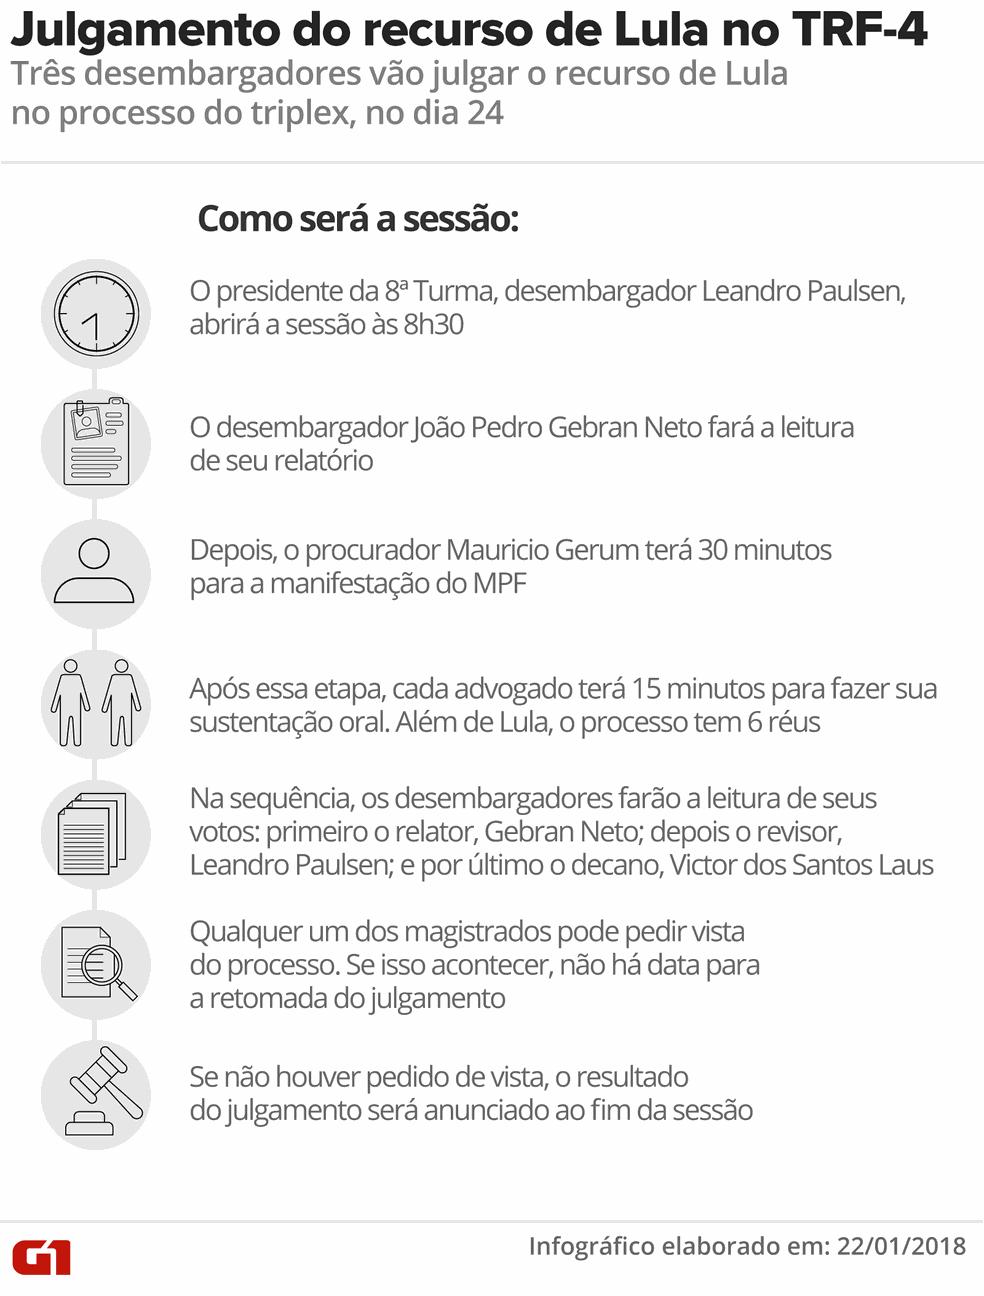 Como será o julgamento do recurso de Lula no TRF-4 nesta quarta-feira (24) (Foto: Infografia: Alexandre Mauro/G1)